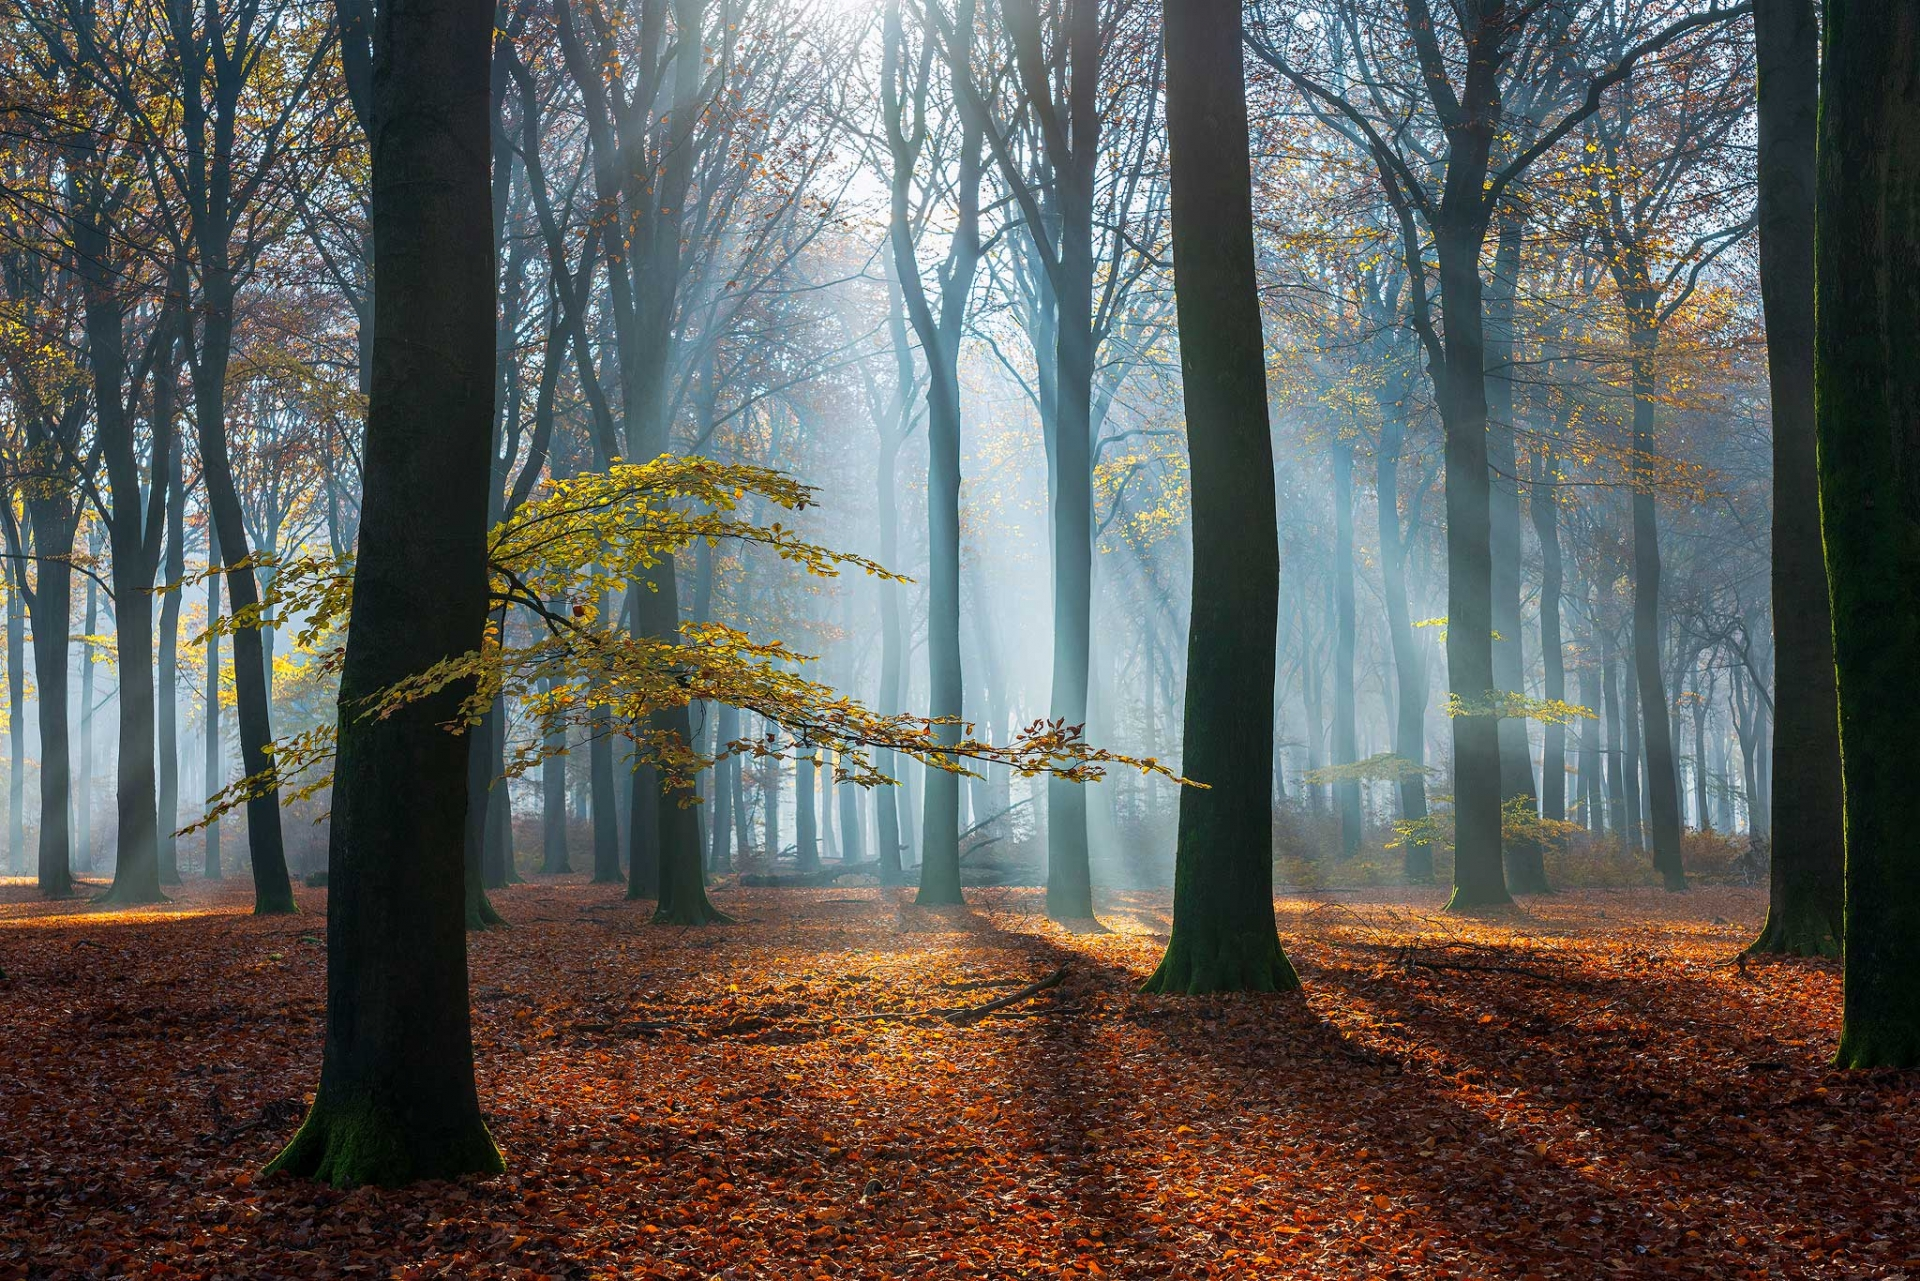 Zonnestralen door de bomen van Planken Wambuis tijdens de herfst van 2019 in de terugblik op 2019